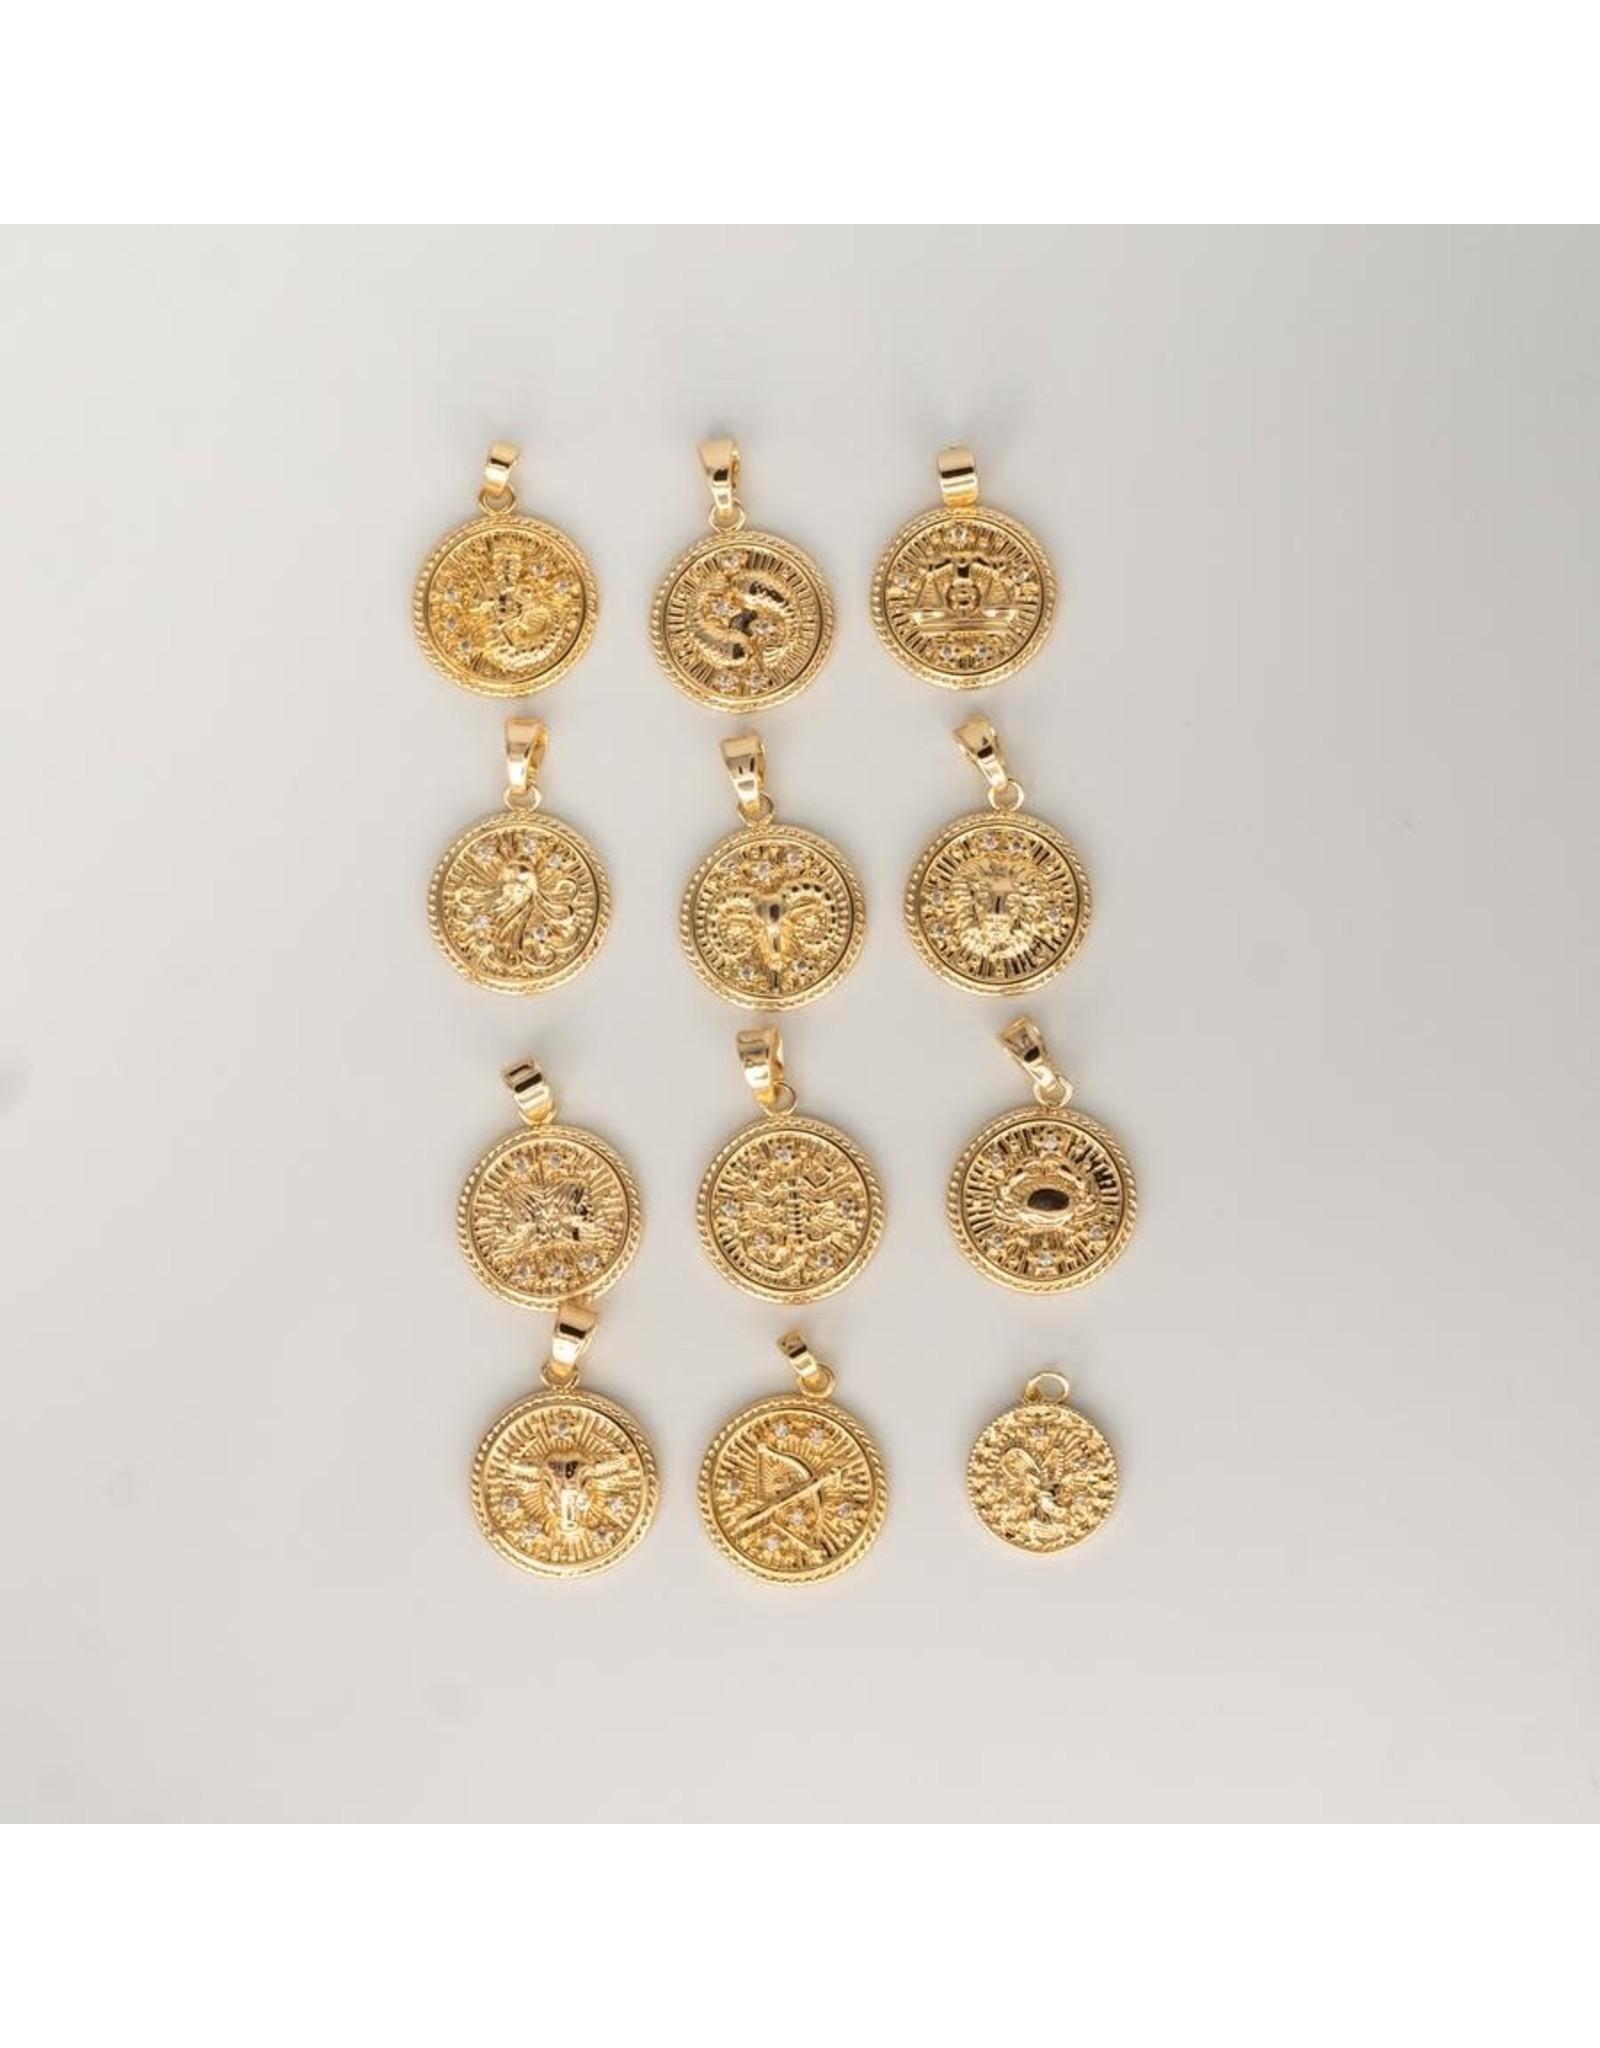 Jewelry By Amanda Virgo - Zodiac Pendant